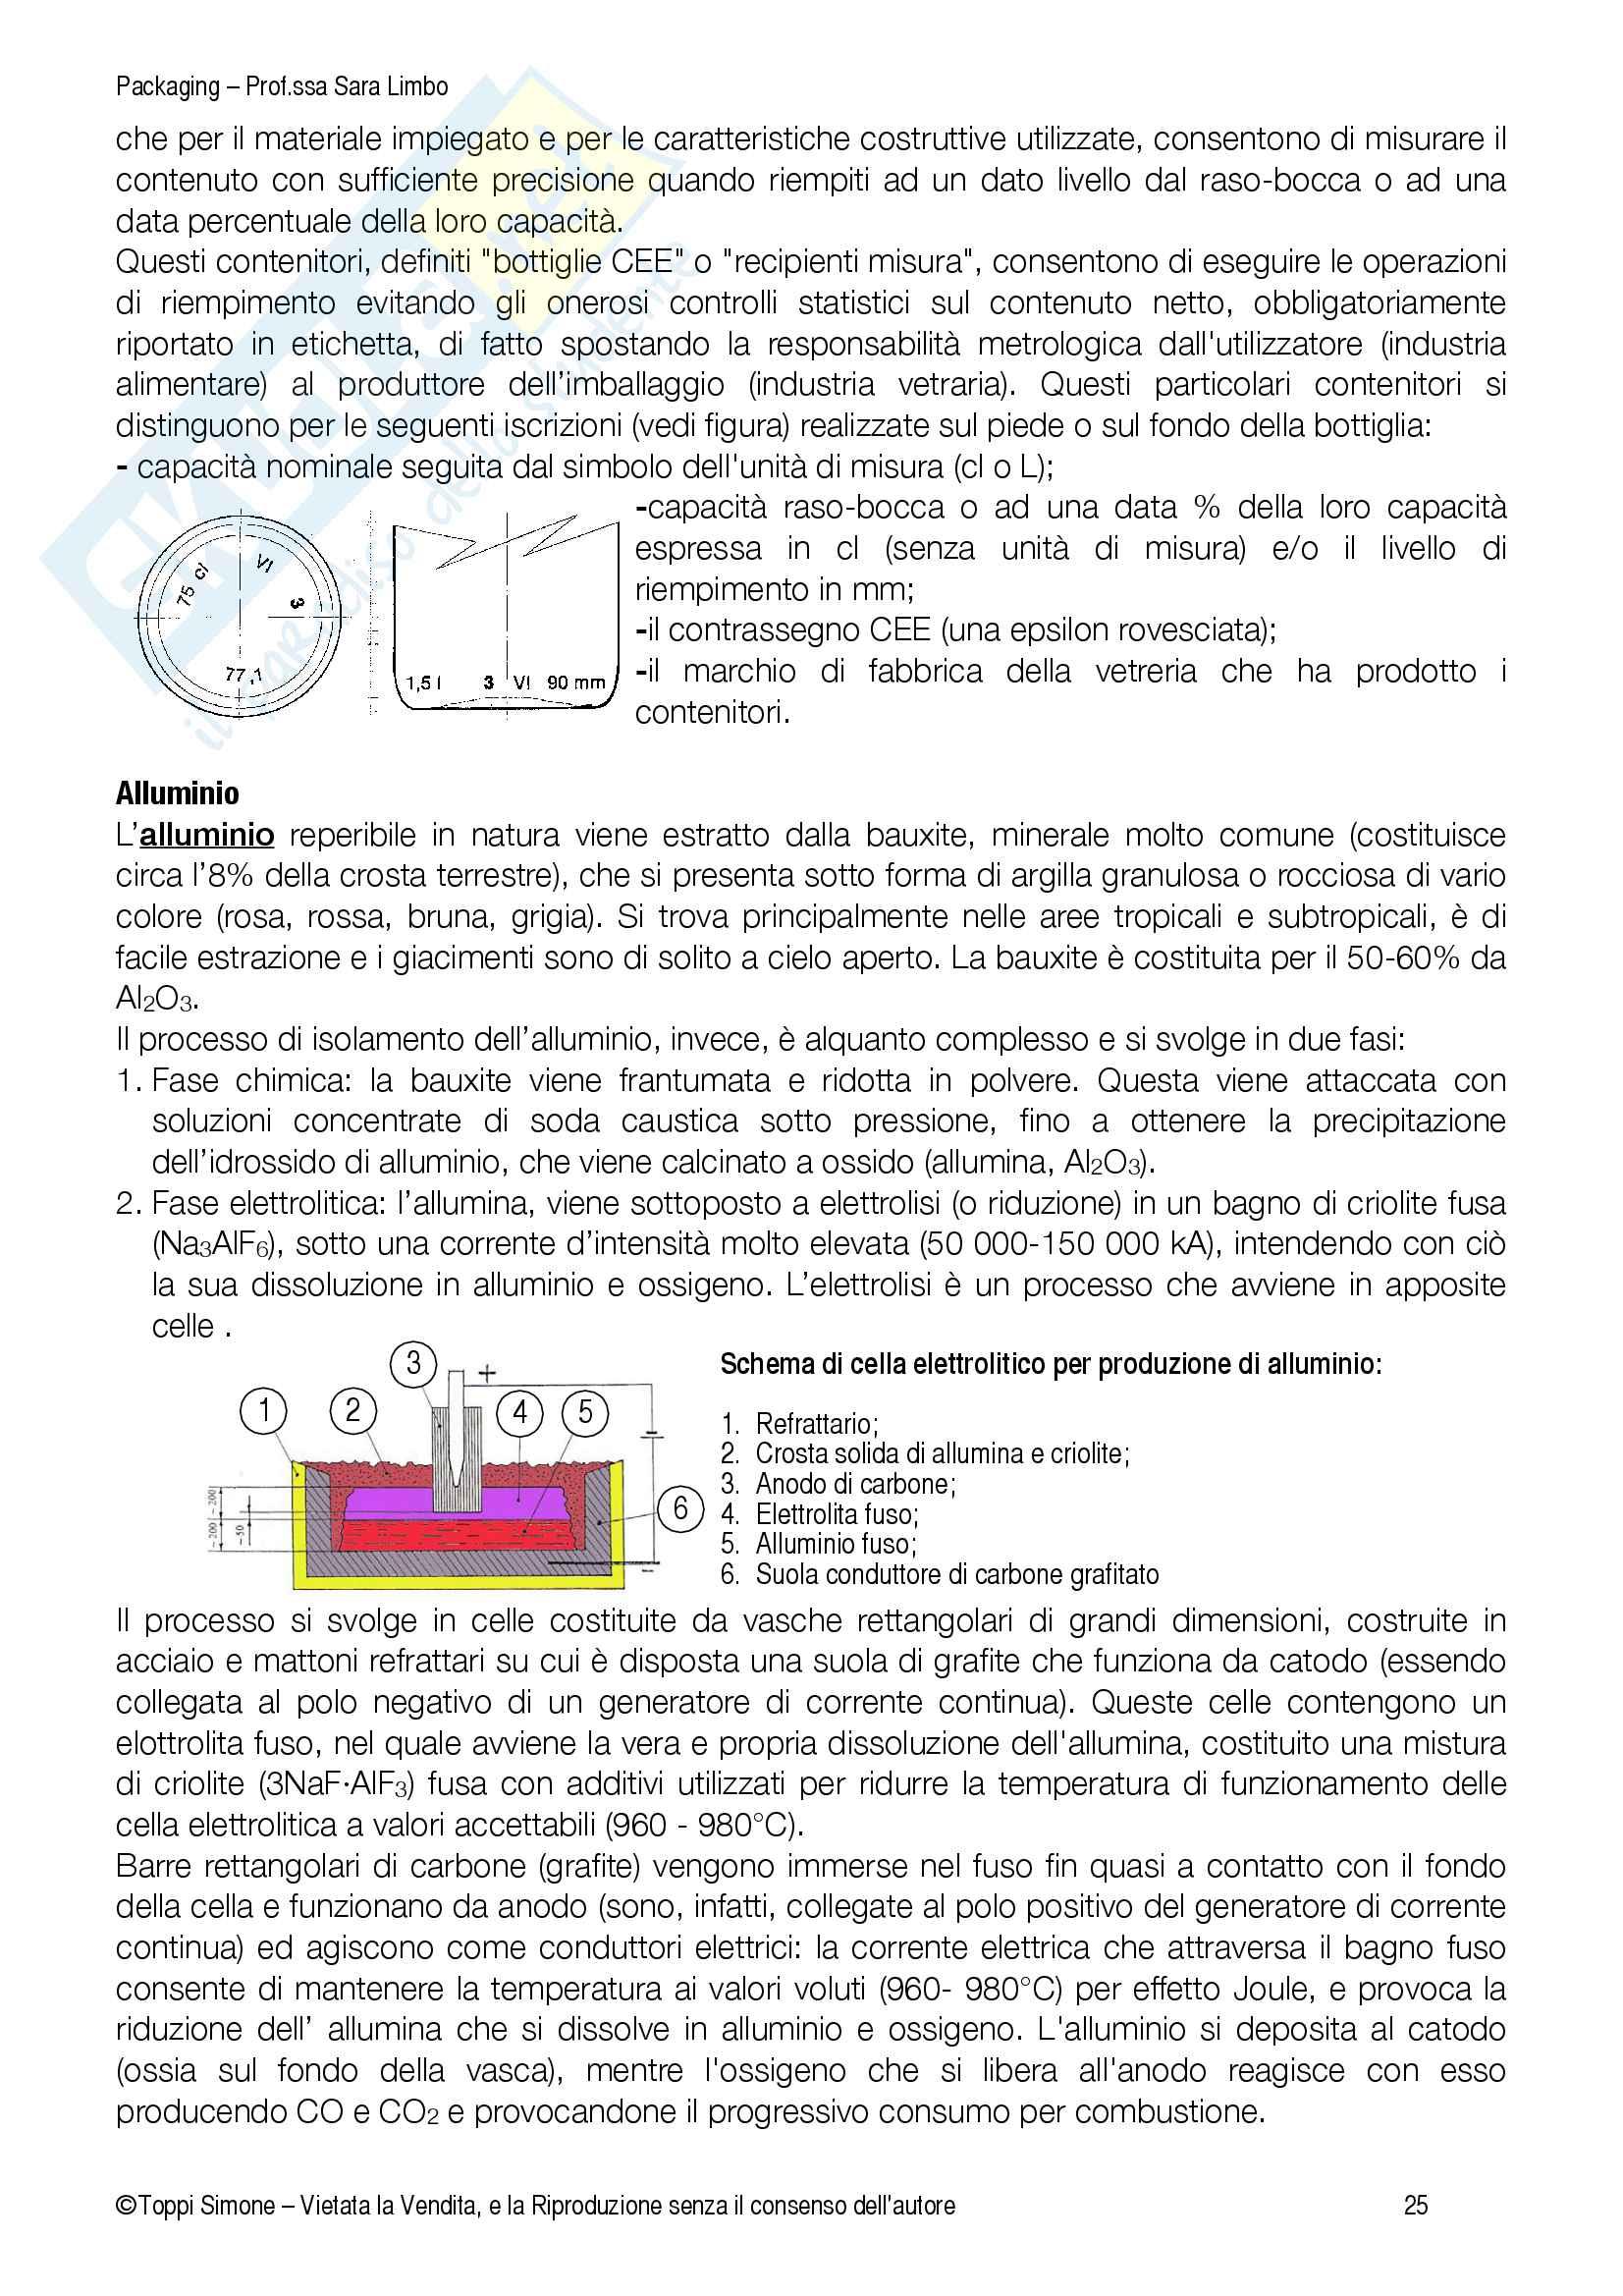 Packaging, (Processi della tecn. alimentare con elementi di packaging, MODULO 2) Pag. 26